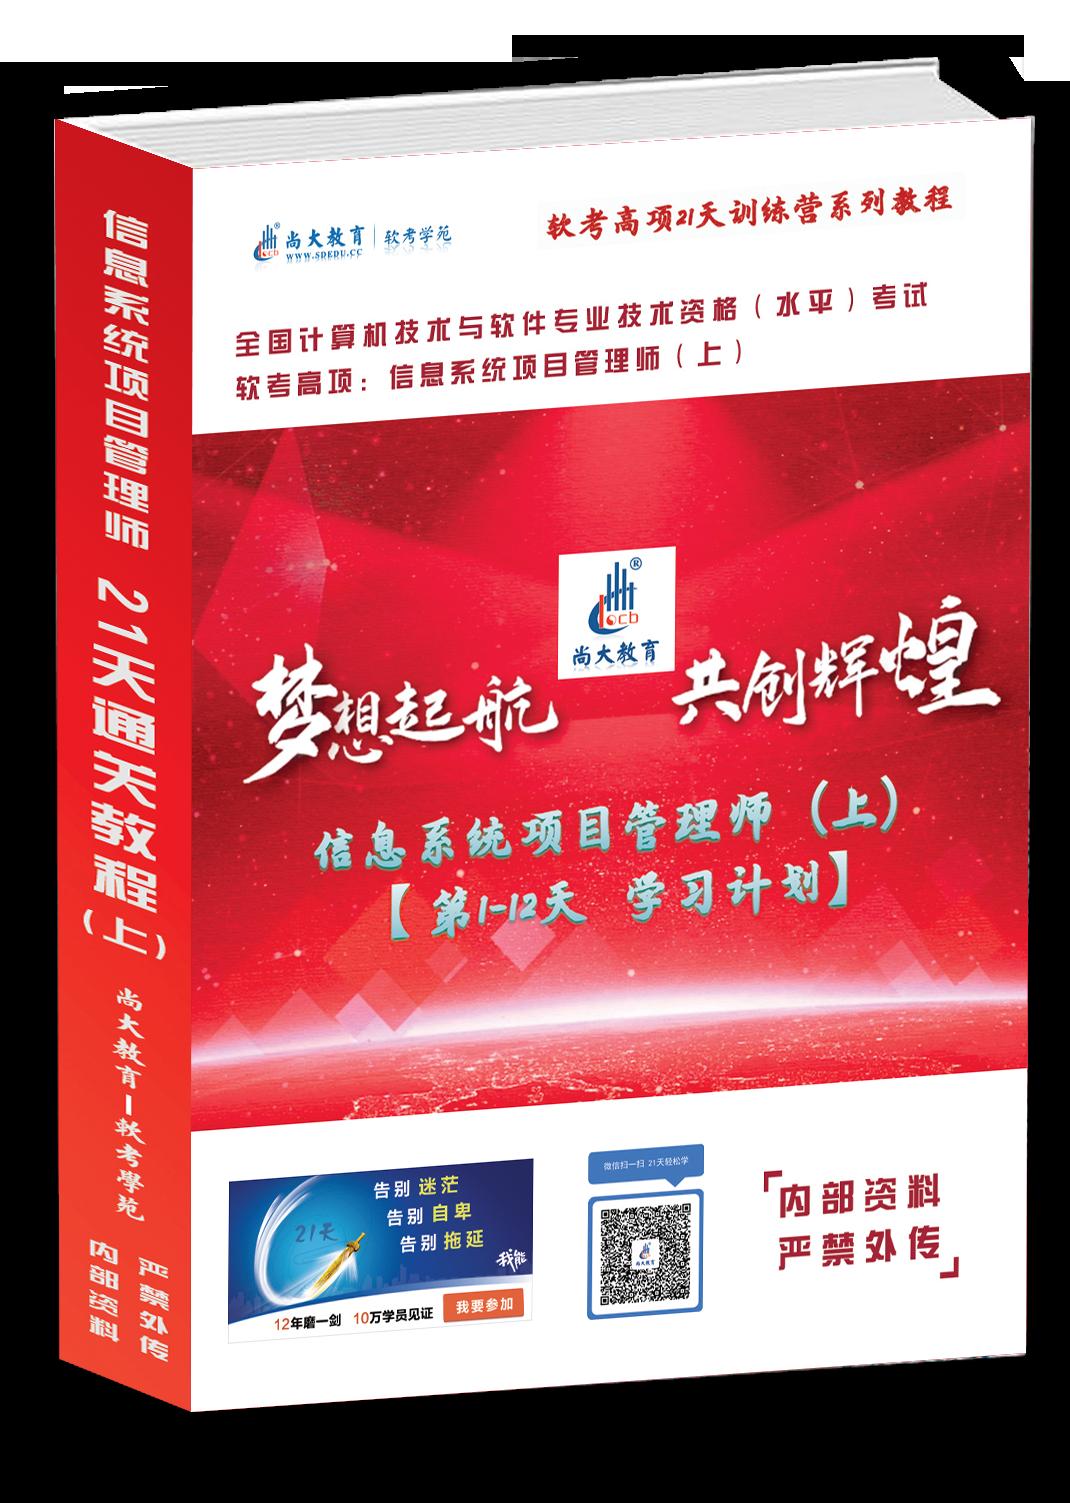 2020年信息系统项目管理师1-12天学习计划